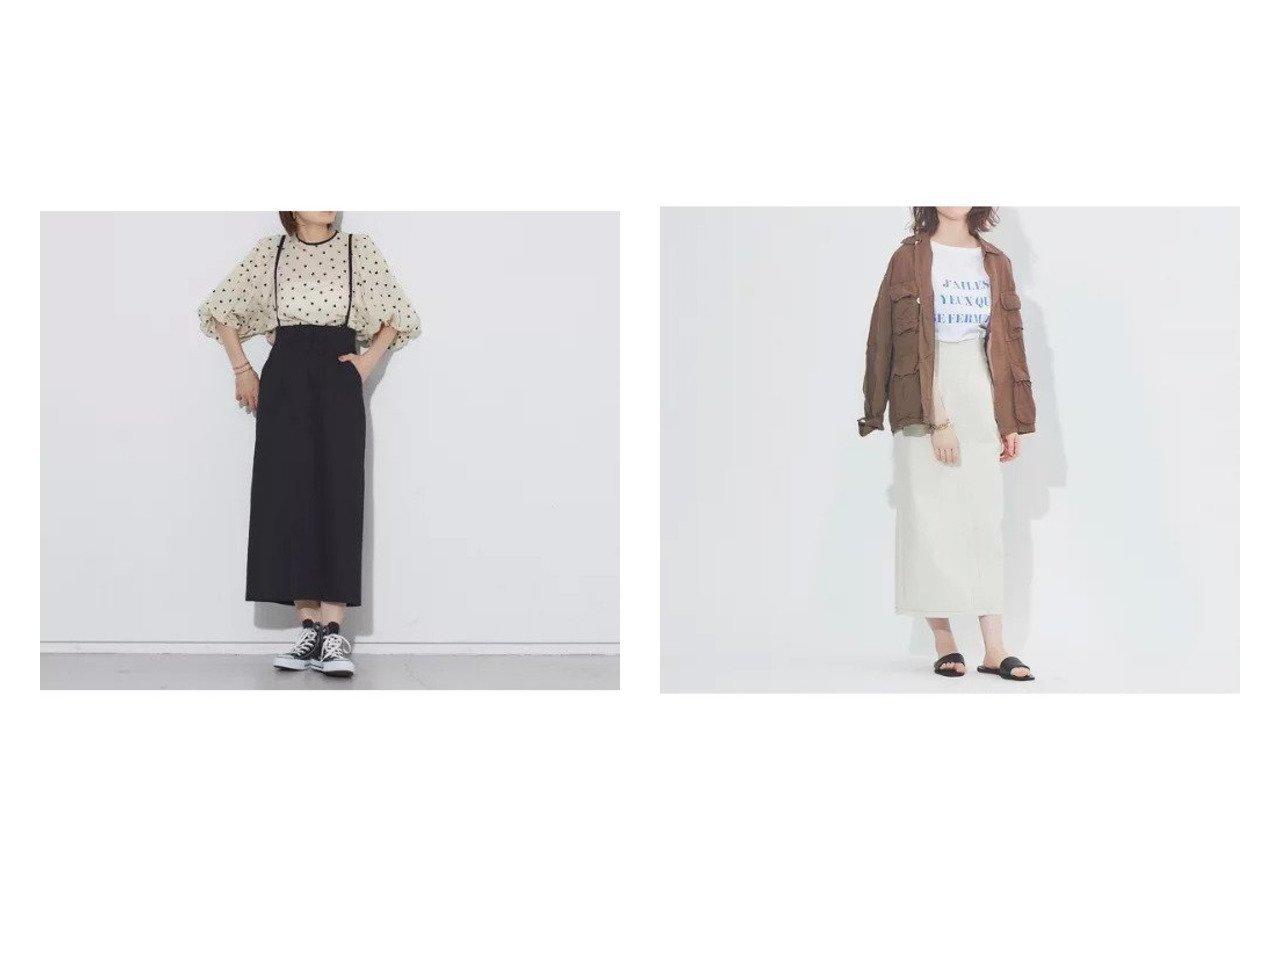 【Rouge vif/ルージュ ヴィフ】のストレッチカルゼサスペンダースカート 【スカート】おすすめ!人気、トレンド・レディースファッションの通販 おすすめで人気の流行・トレンド、ファッションの通販商品 インテリア・家具・メンズファッション・キッズファッション・レディースファッション・服の通販 founy(ファニー) https://founy.com/ ファッション Fashion レディースファッション WOMEN スカート Skirt コンパクト サスペンダー シンプル タイトスカート トレンド 定番 Standard 人気 ボトム おすすめ Recommend  ID:crp329100000065215